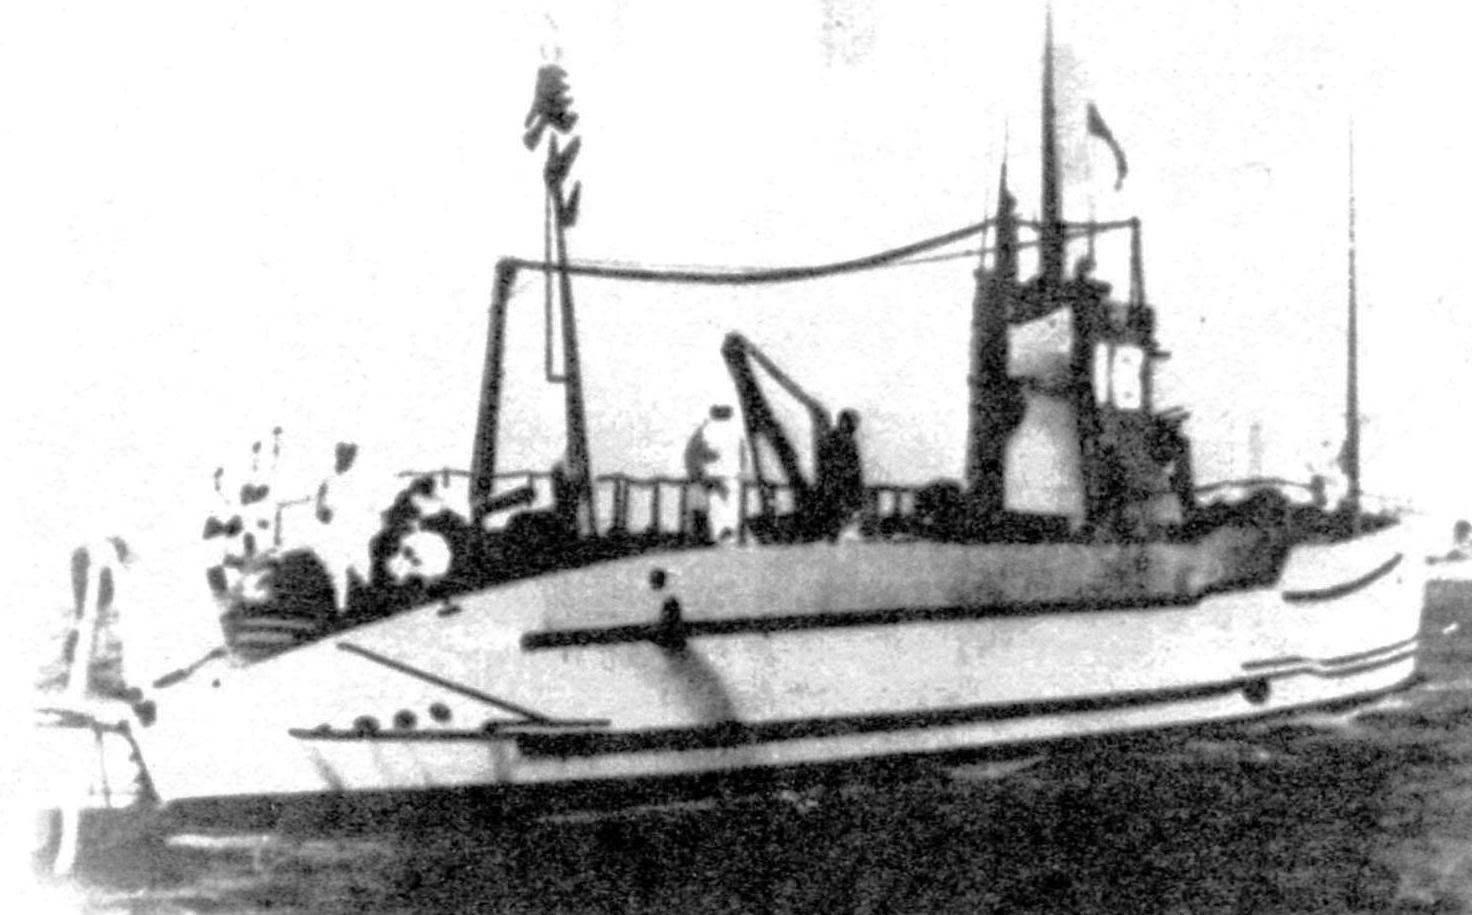 Подводная лодка №18 типа «ФИАТ-Лауренти», Япония, 1920 г.